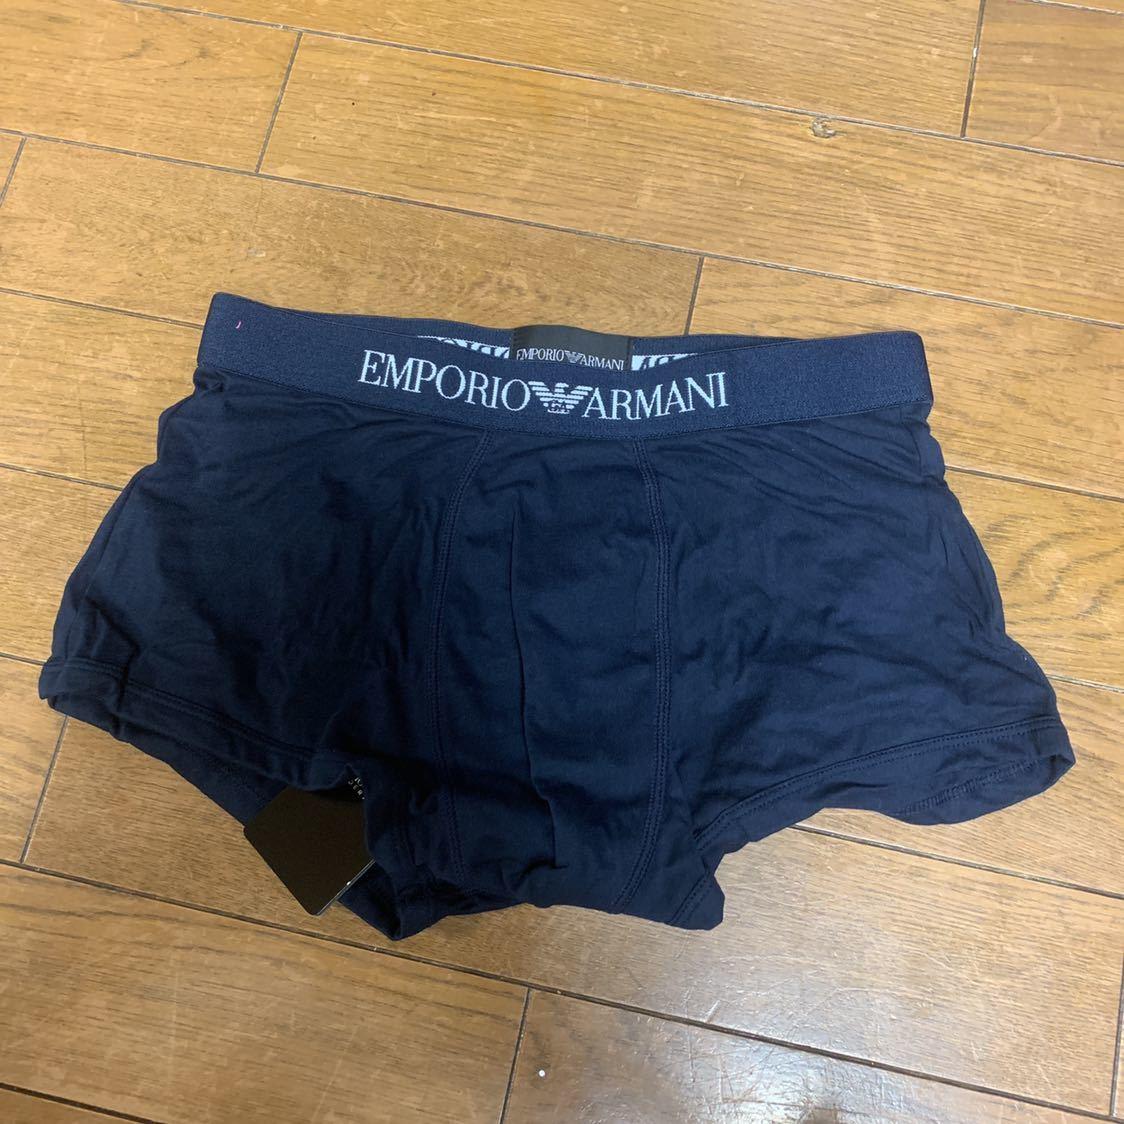 エンポリオアルマーニ メンズ ボクサーパンツ M 新品タグ付き_画像4